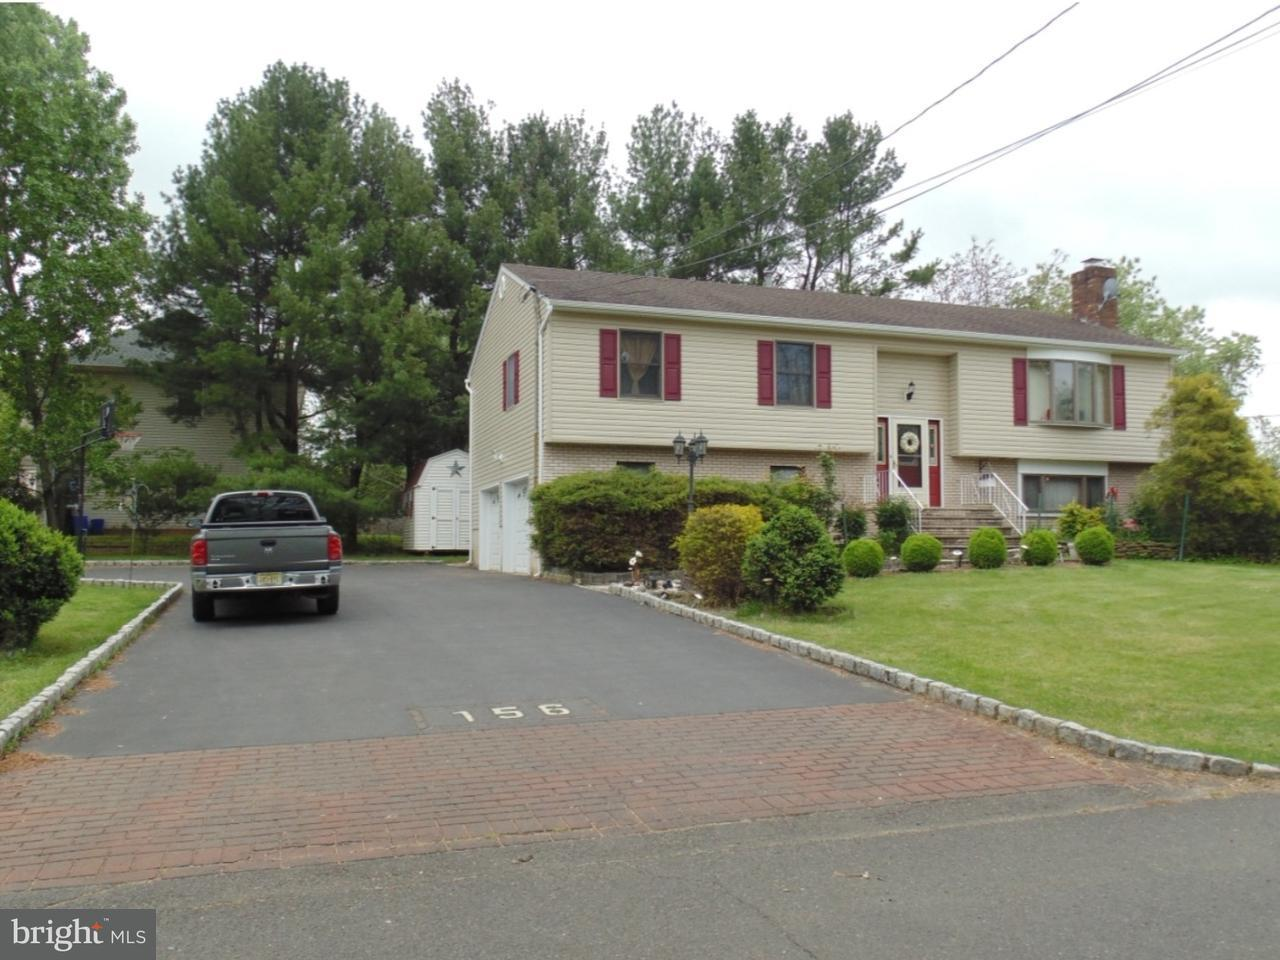 Maison unifamiliale pour l Vente à 156 WALNUT Avenue Somerset, New Jersey 08873 États-UnisDans/Autour: Franklin Township